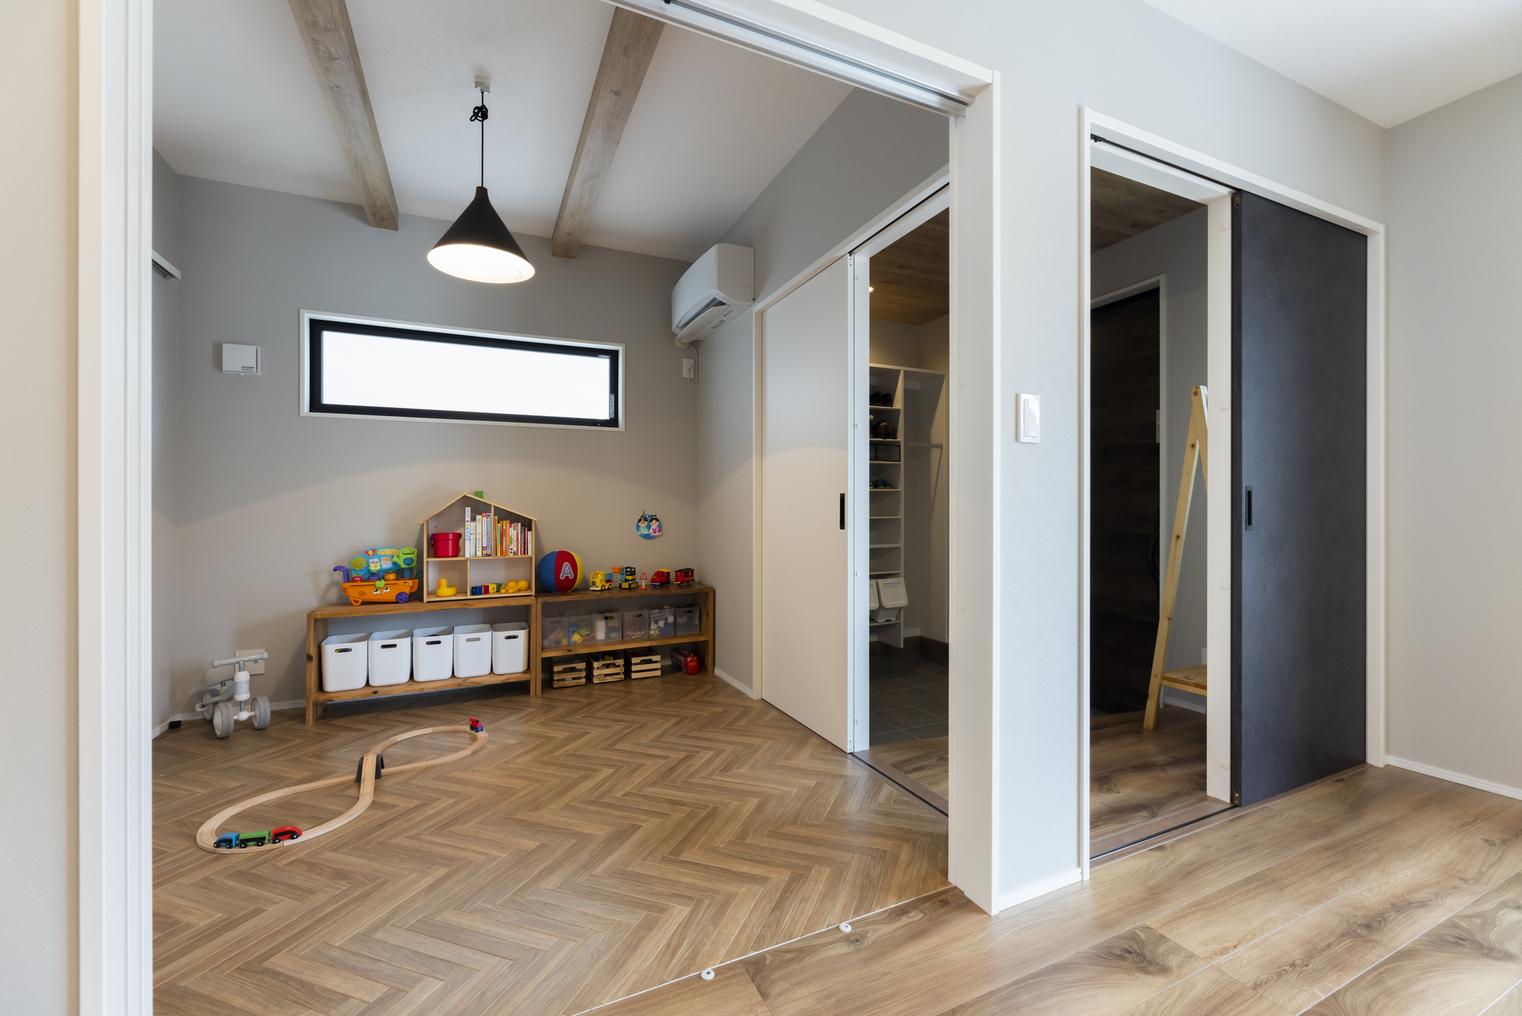 LDKに隣接している洋室。アクセントクロスの仕上げの見せ梁が空間をオシャレで広々した印象にしてくれる